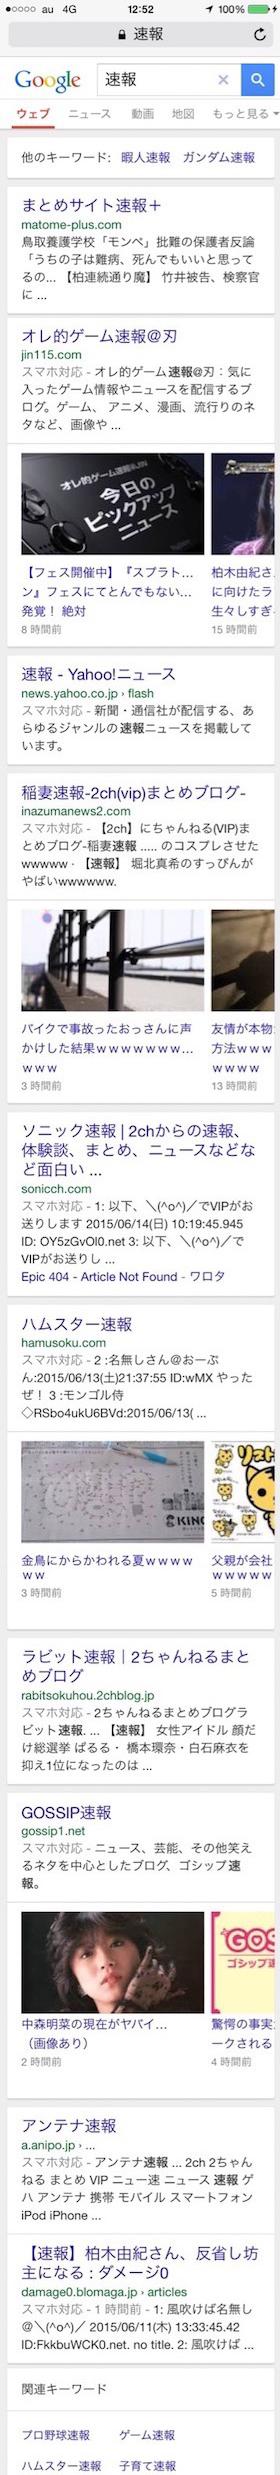 sokuho